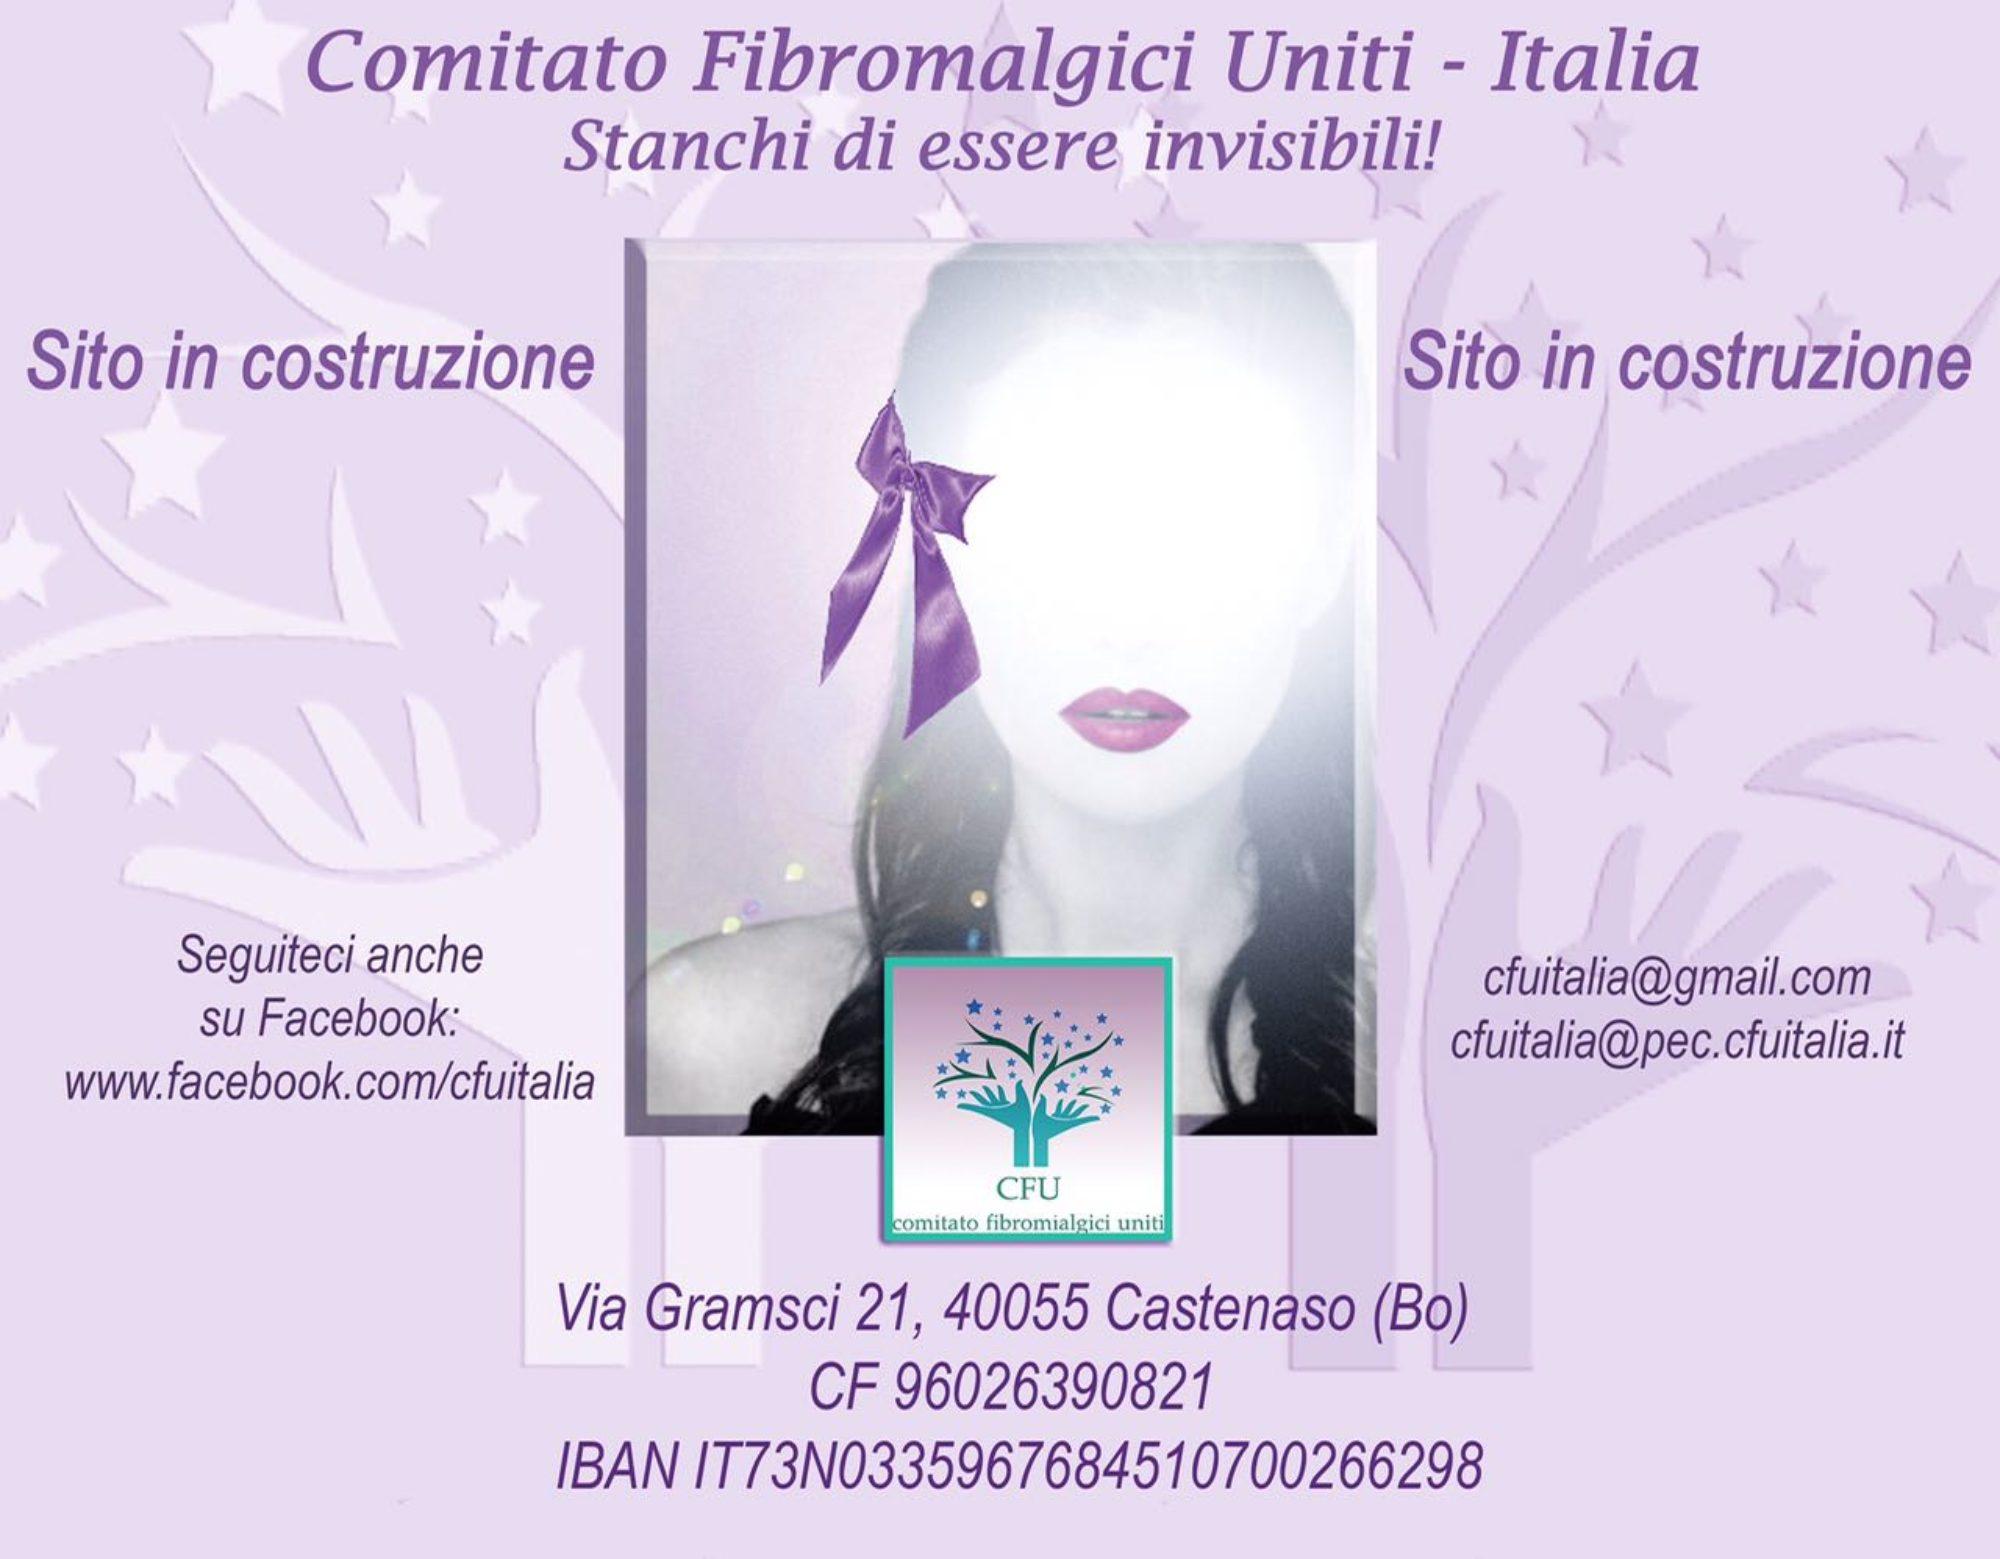 Comitato Fibromalgici Uniti